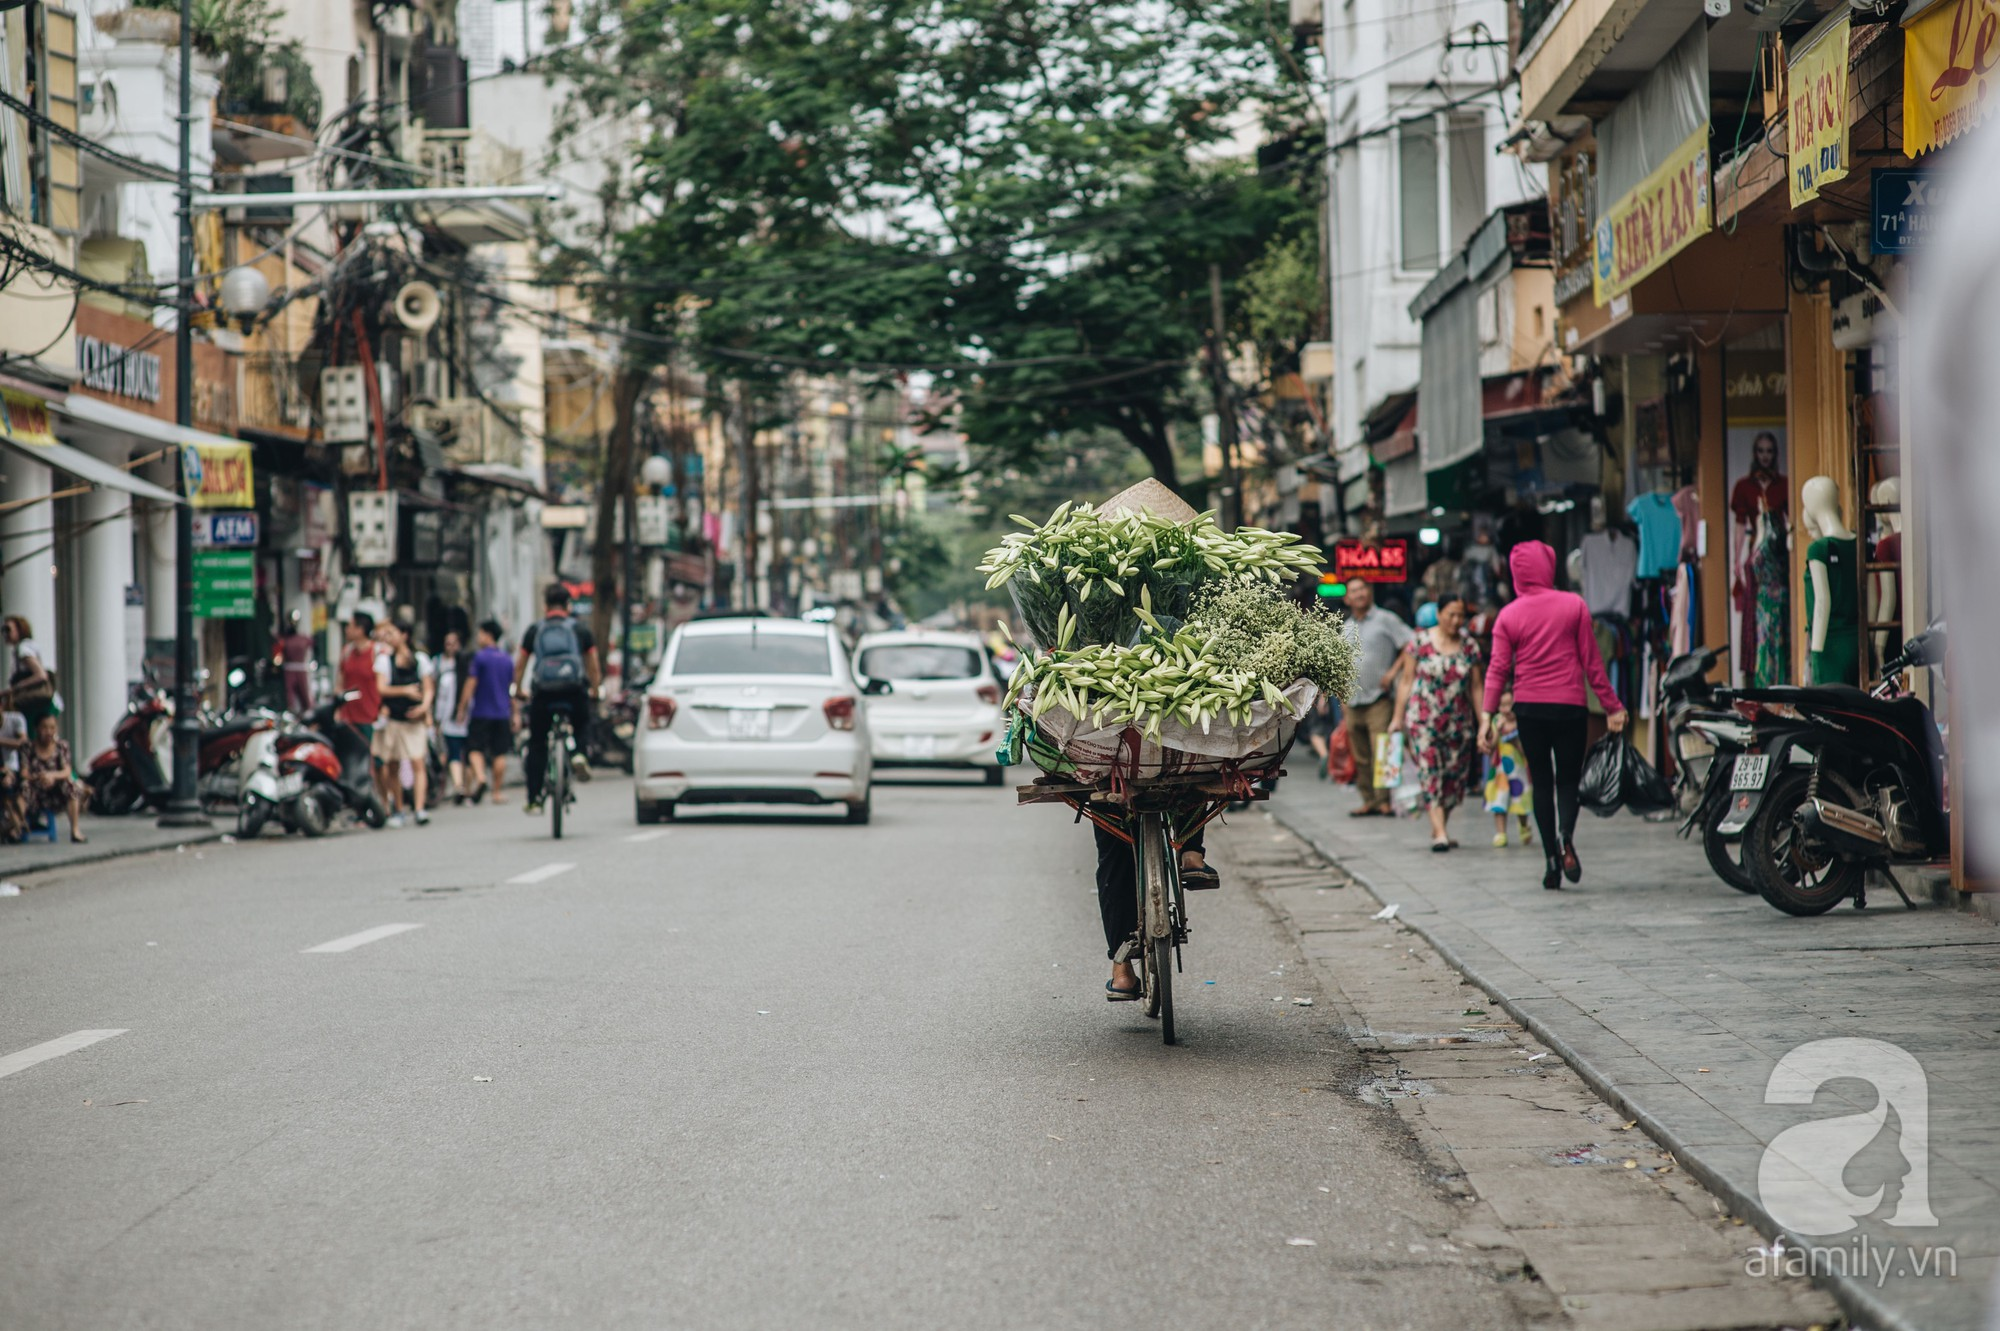 Tháng 4 về, Hà Nội lại dịu dàng những gánh loa kèn trắng tinh khôi, thơm nồng nàn khắp các góc phố-12